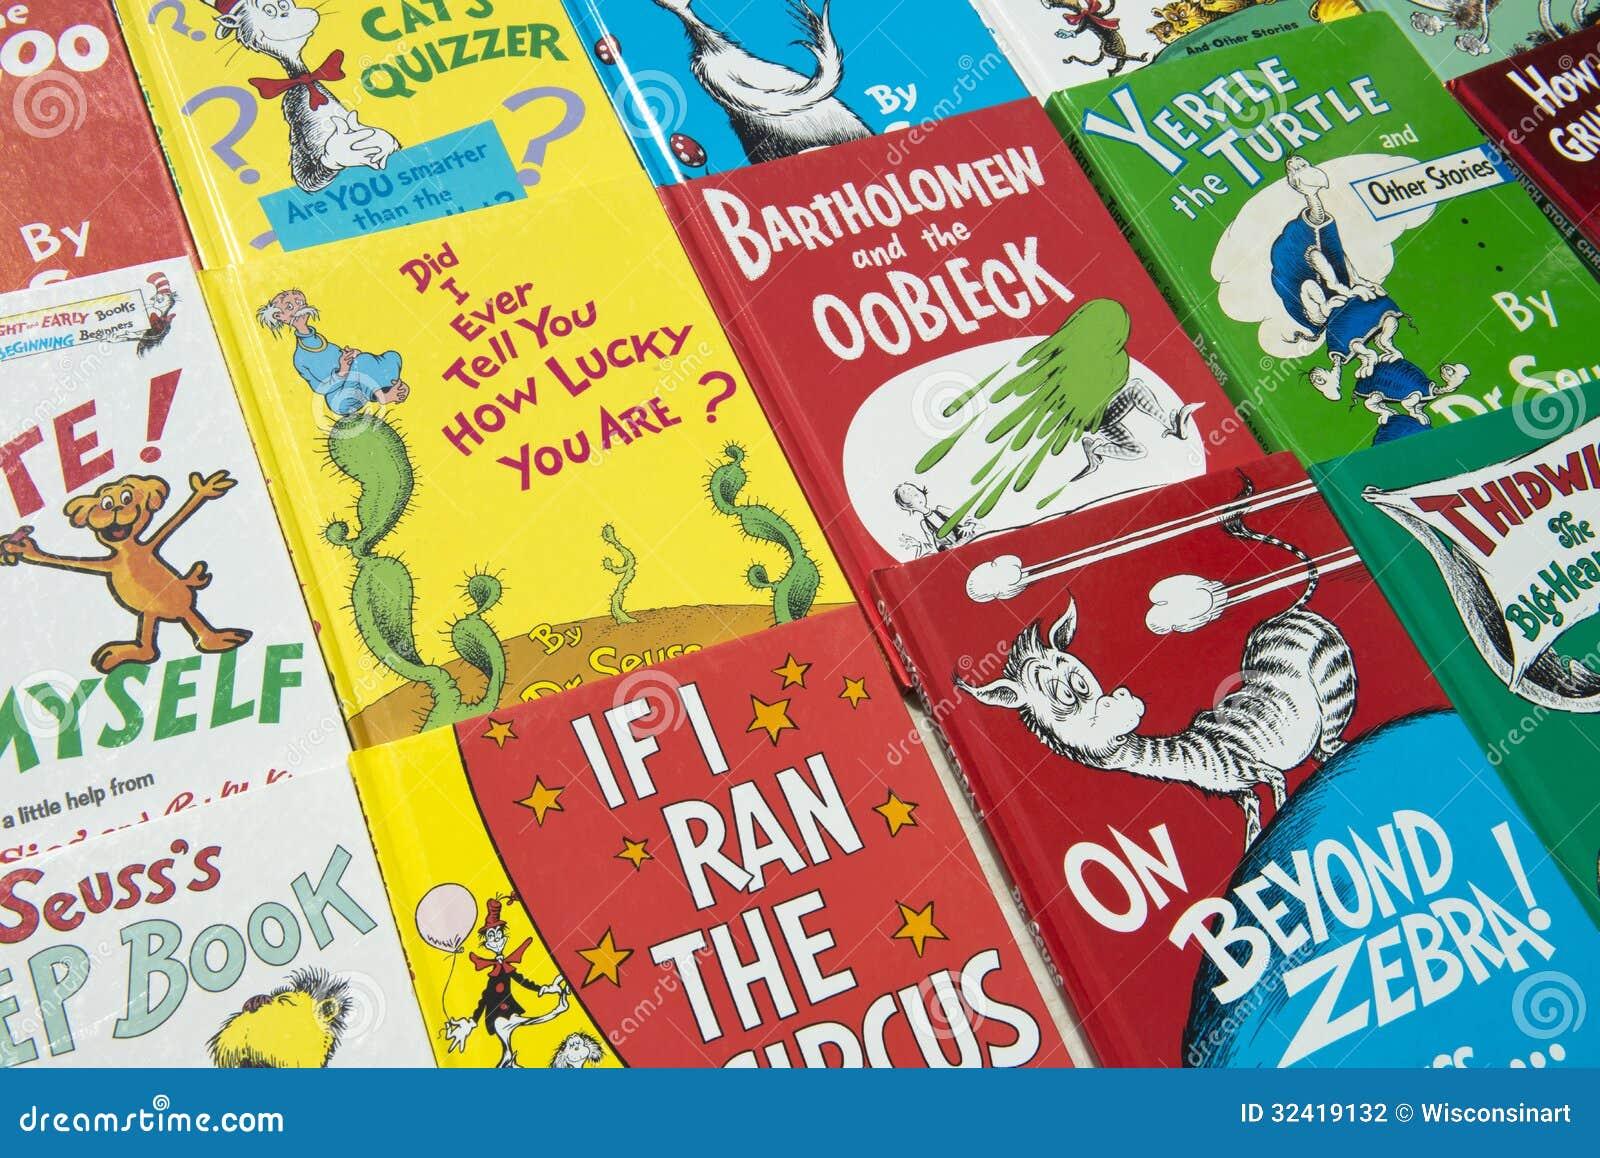 Dr. Suess Children Books